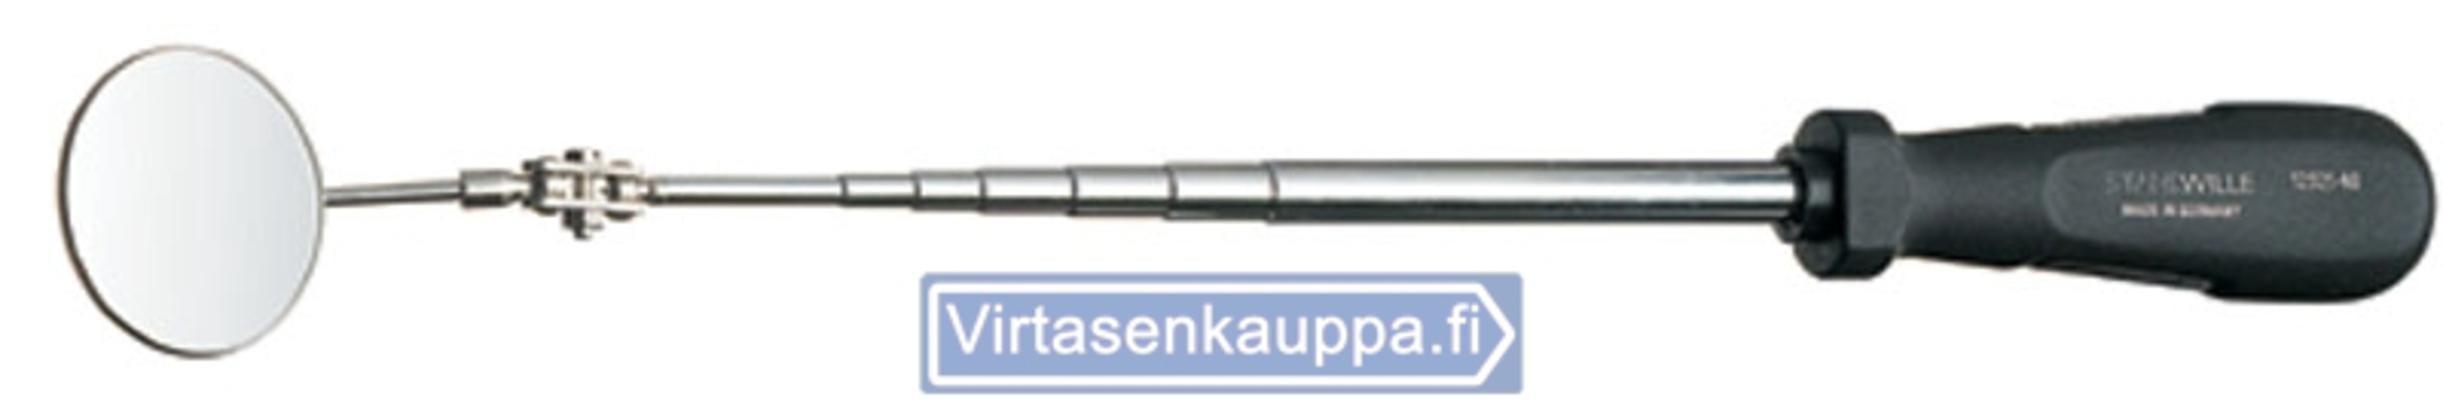 Tarkistuspeili + varsi, 30 mm, Stahlwille - Tarkistuspeili + varsi, 30 mm